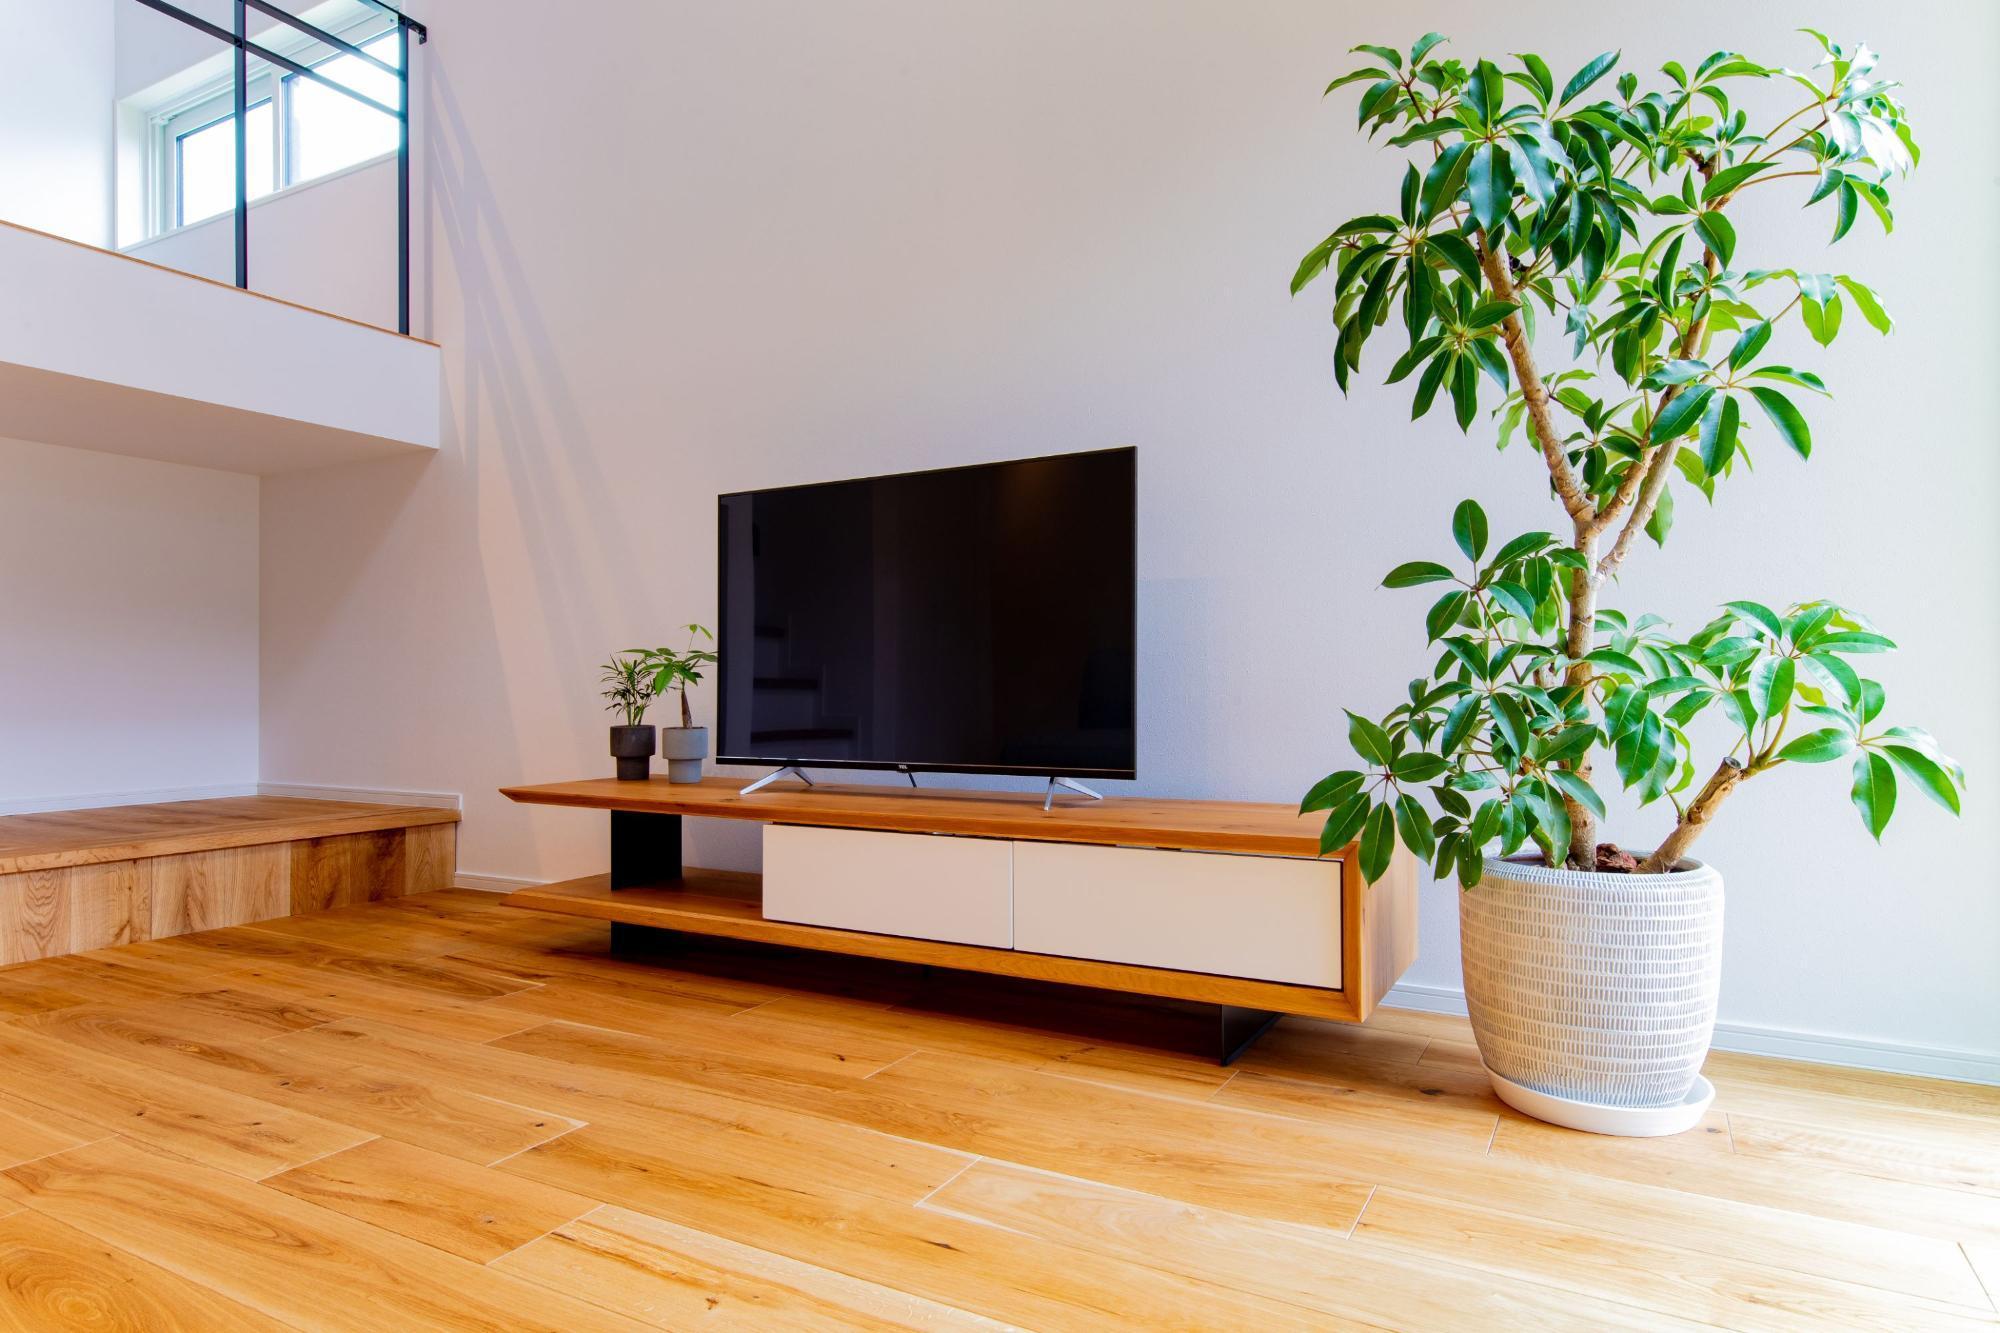 株式会社ゼロスタイル「吹き抜け×セメント×板張り」のシンプル・ナチュラル・自然素材・モダンなリビング・ダイニングの実例写真